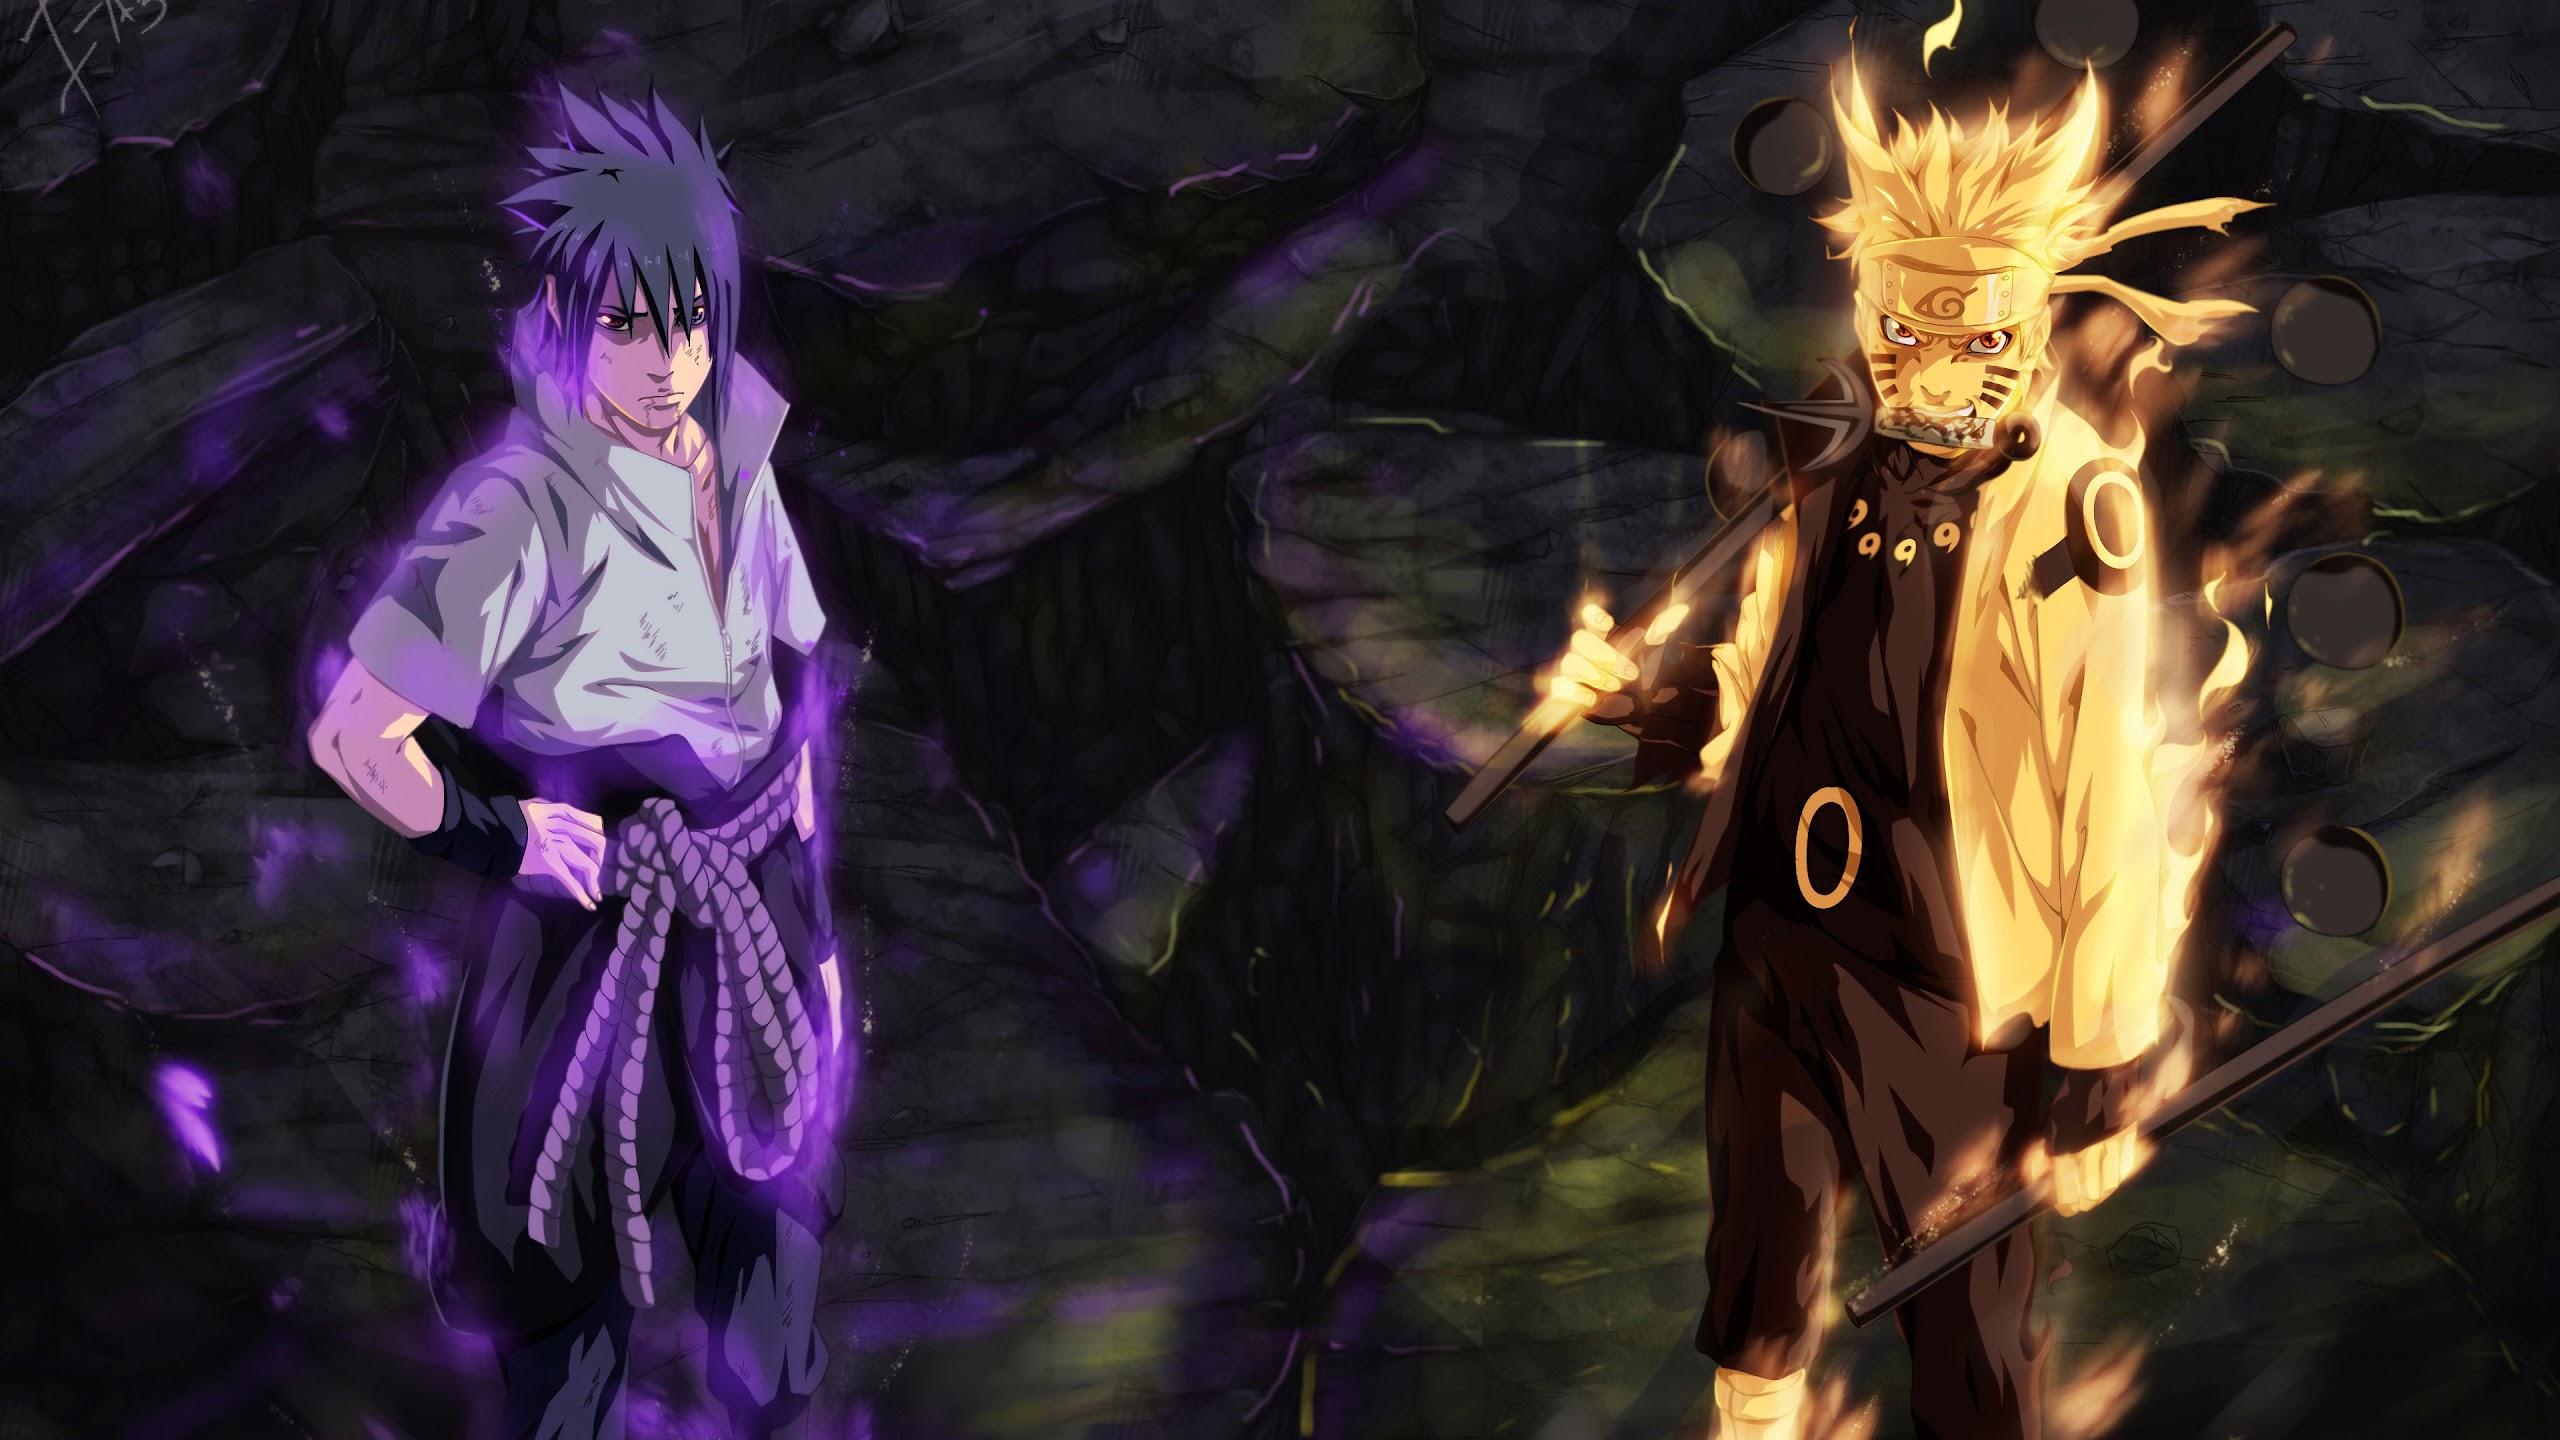 Sasuke Naruto 4k Wallpaper 54